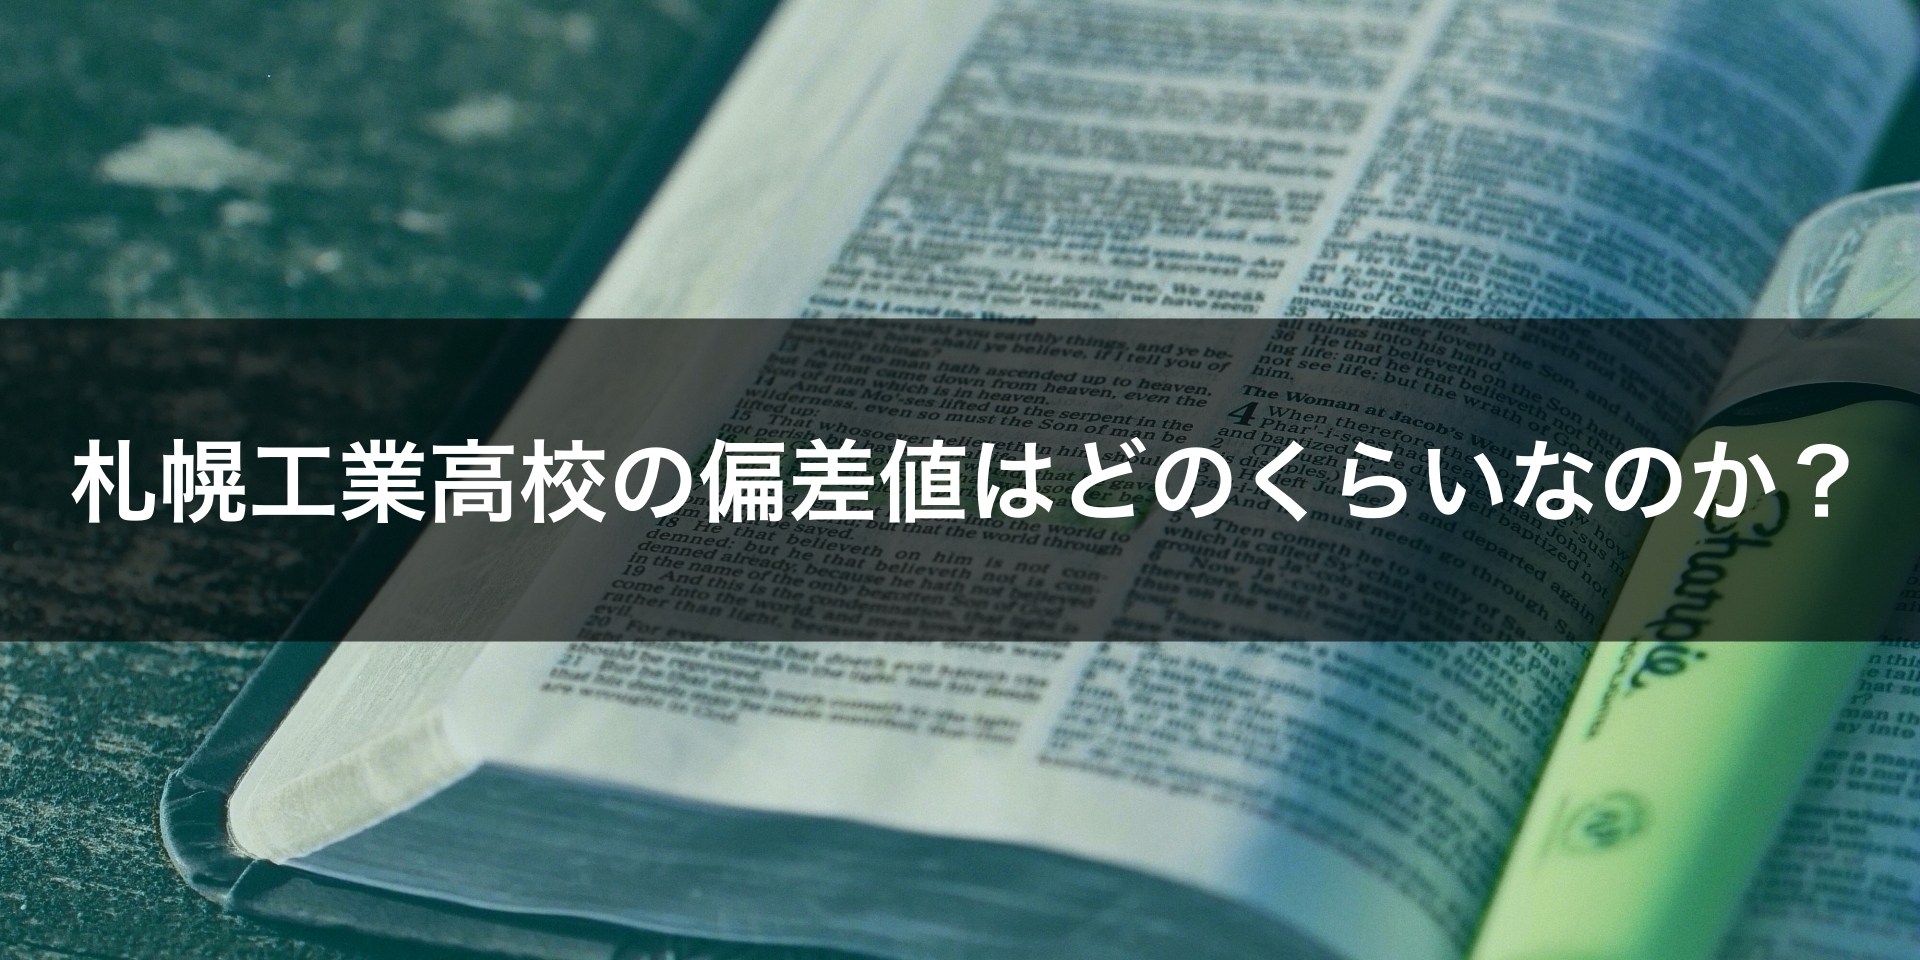 札幌工業高校の偏差値はどのくらいなのか?